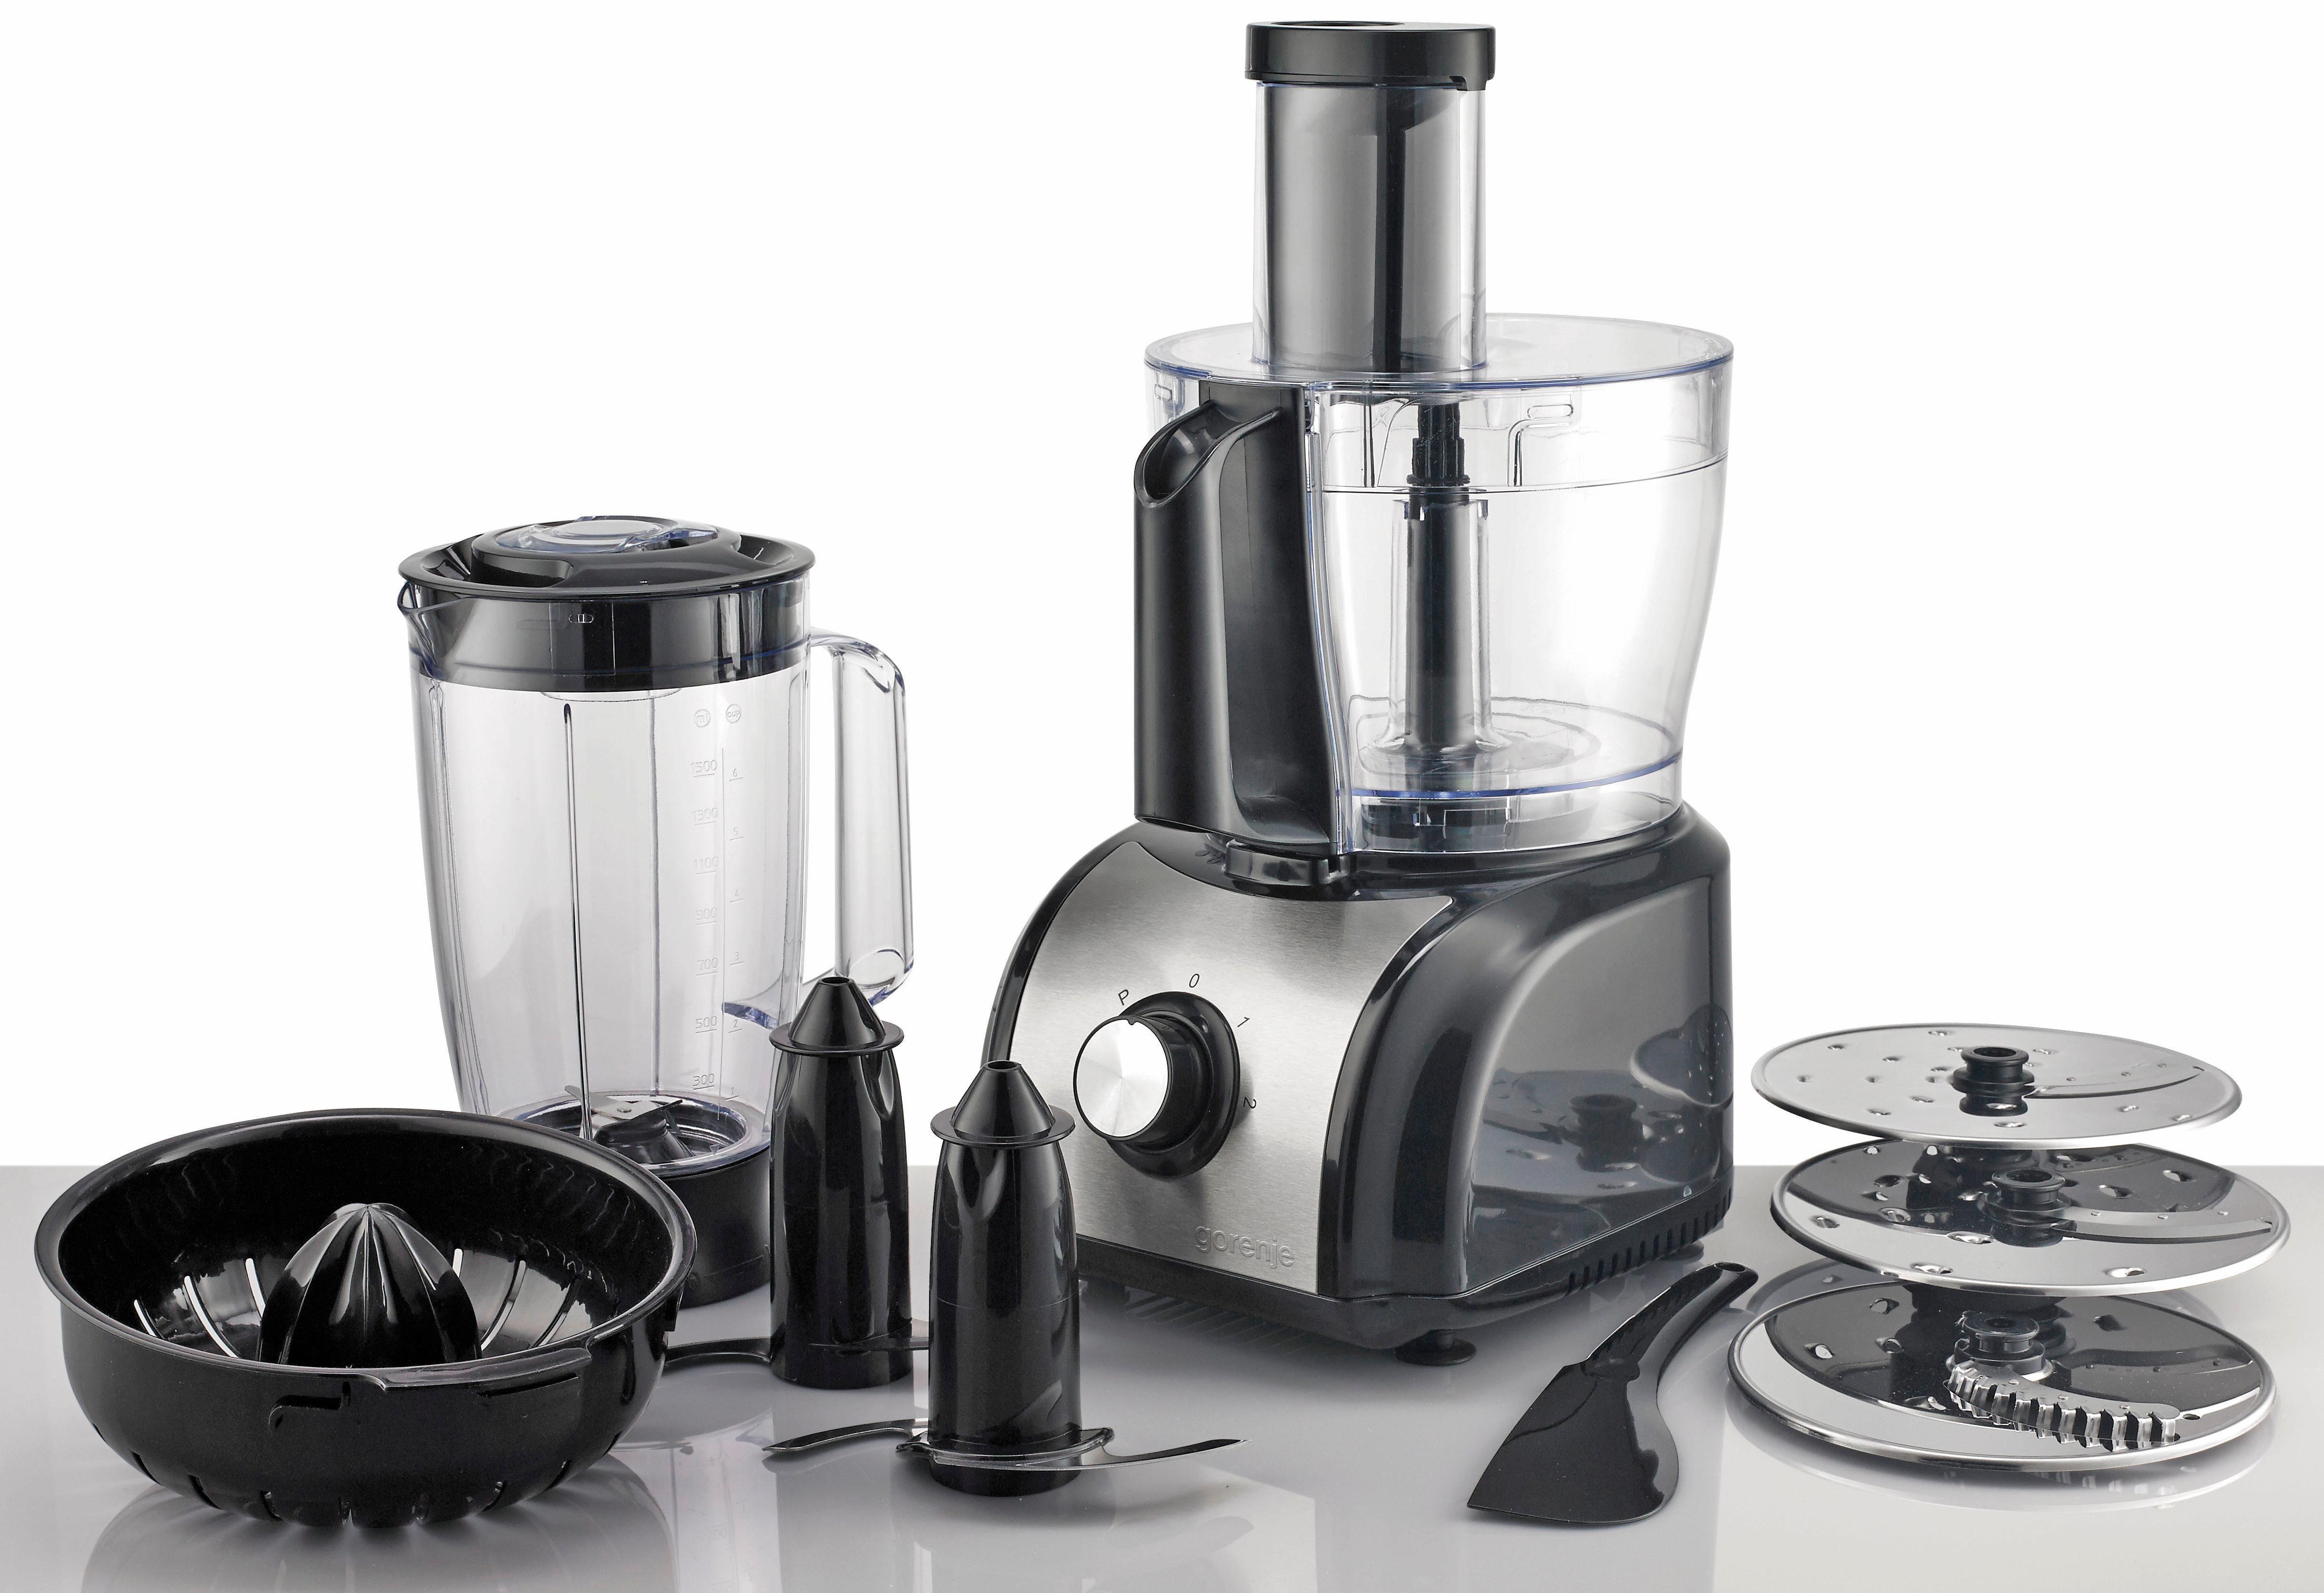 GORENJE Kompakt-Küchenmaschine »SB800B«